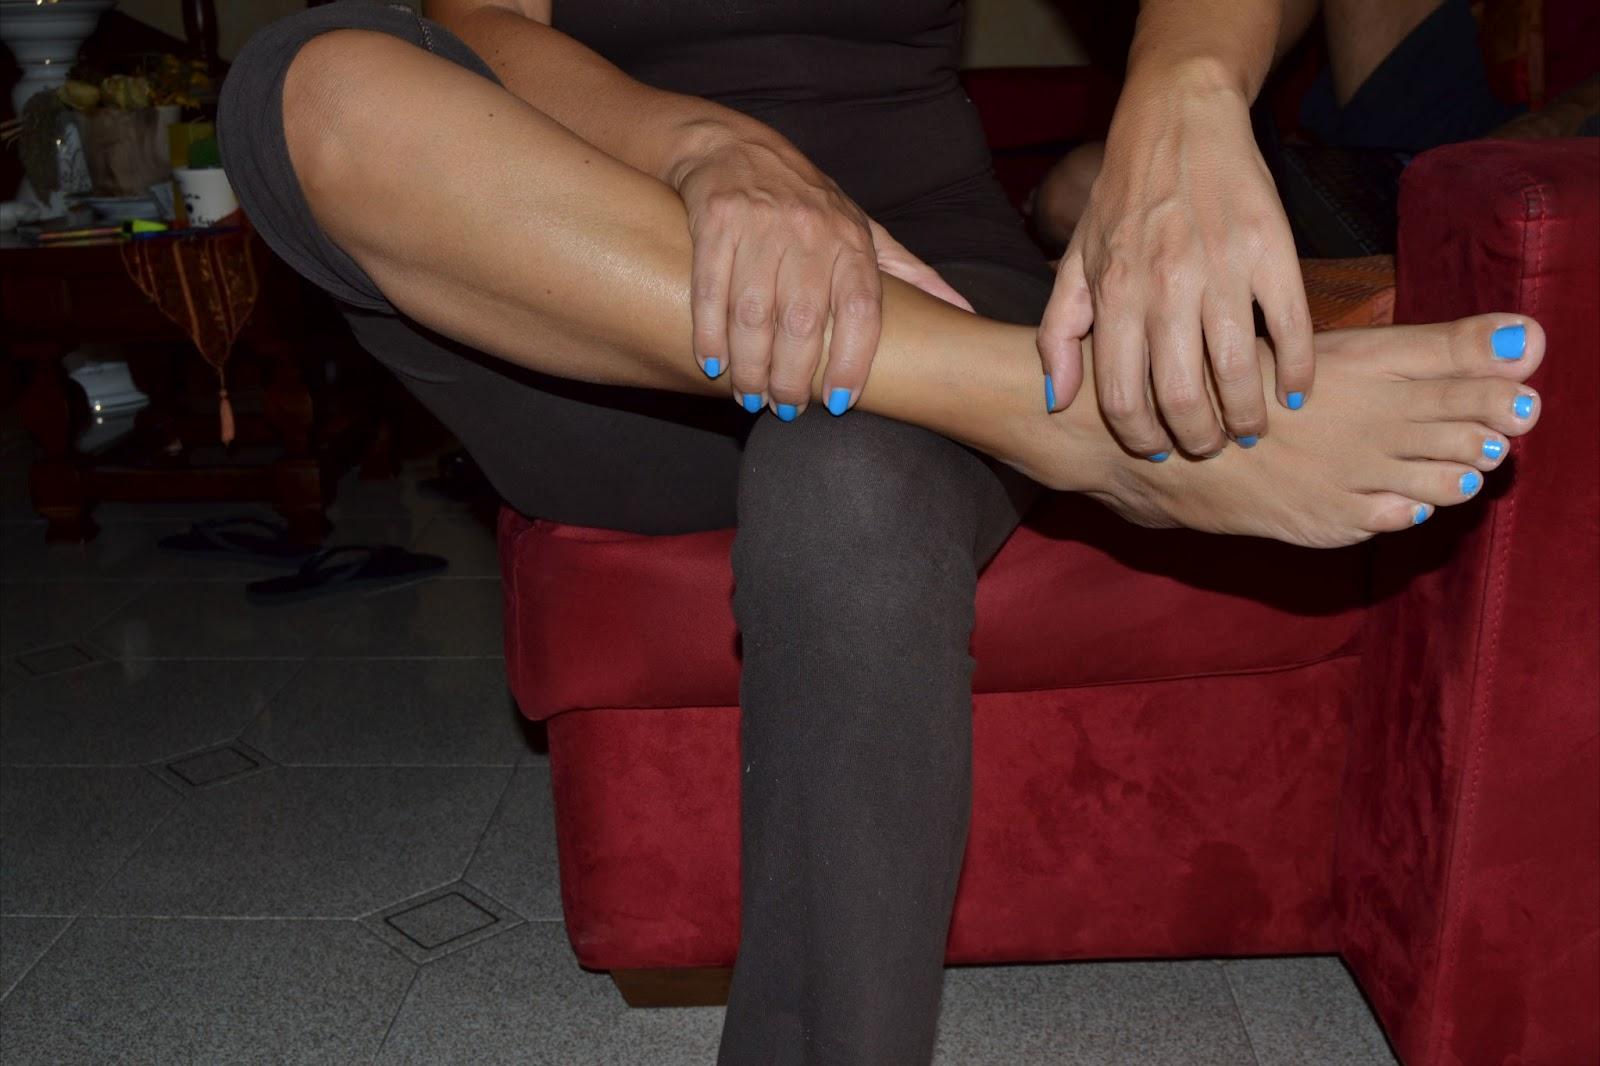 sesso a pagamento porno provini porno italiani gratis